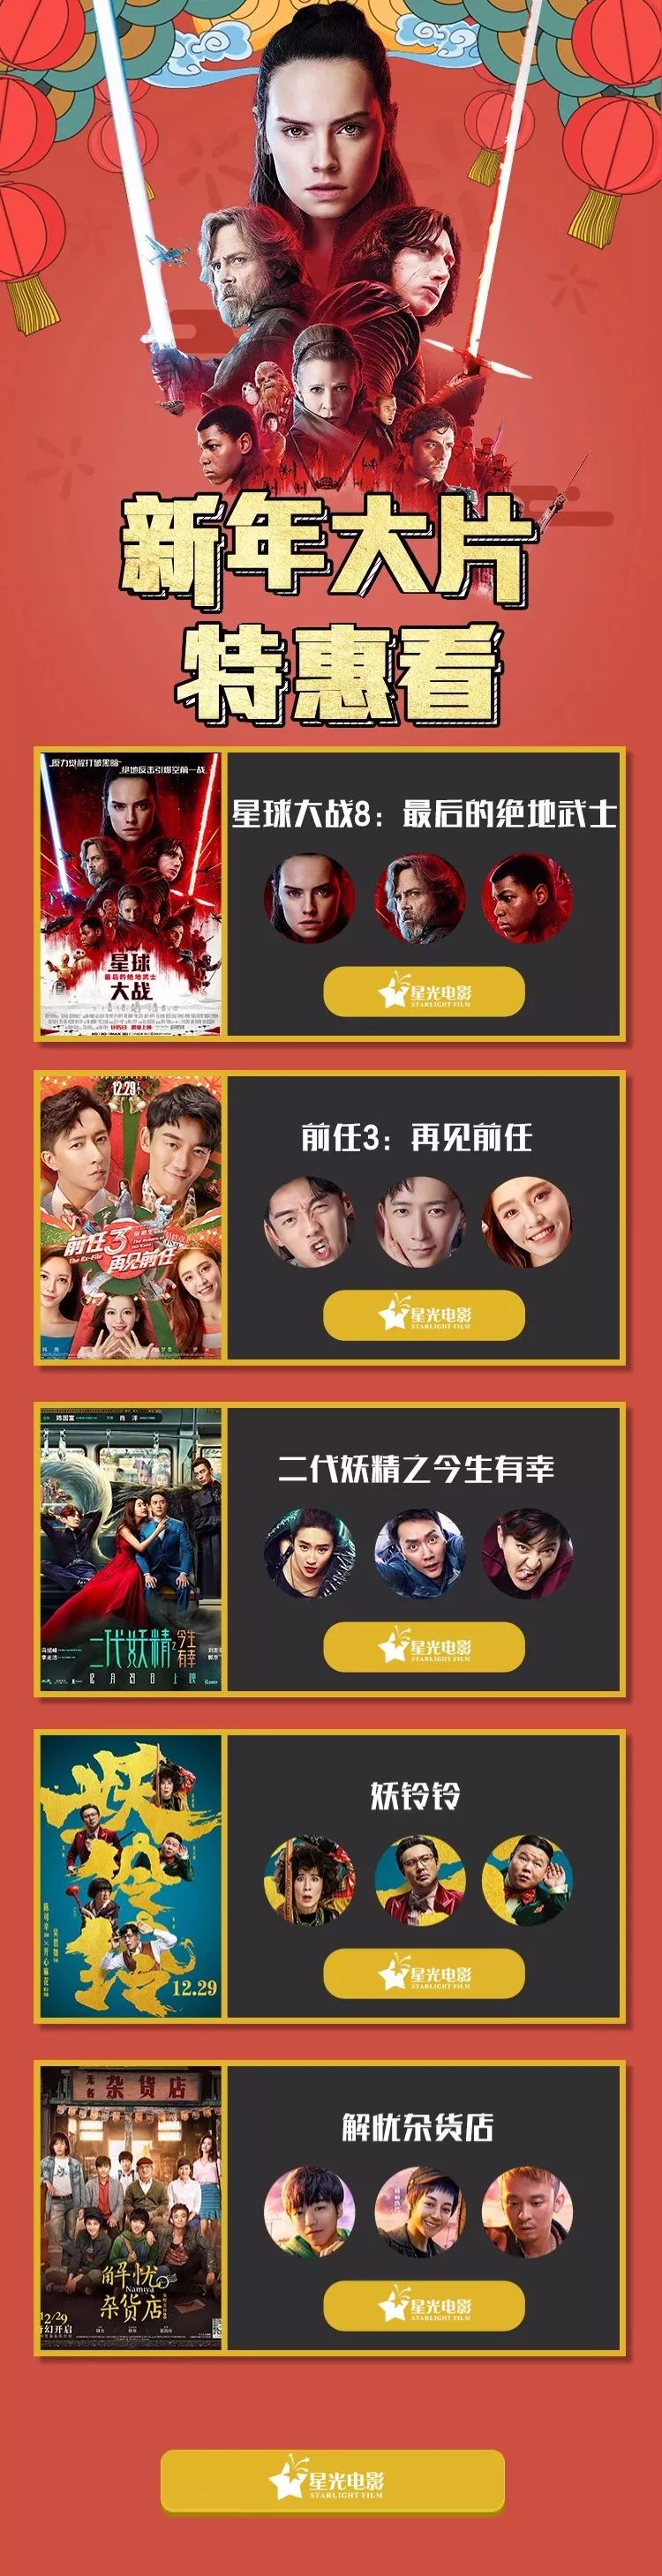 上海星光影院新年大片特惠 双人套票仅需78元